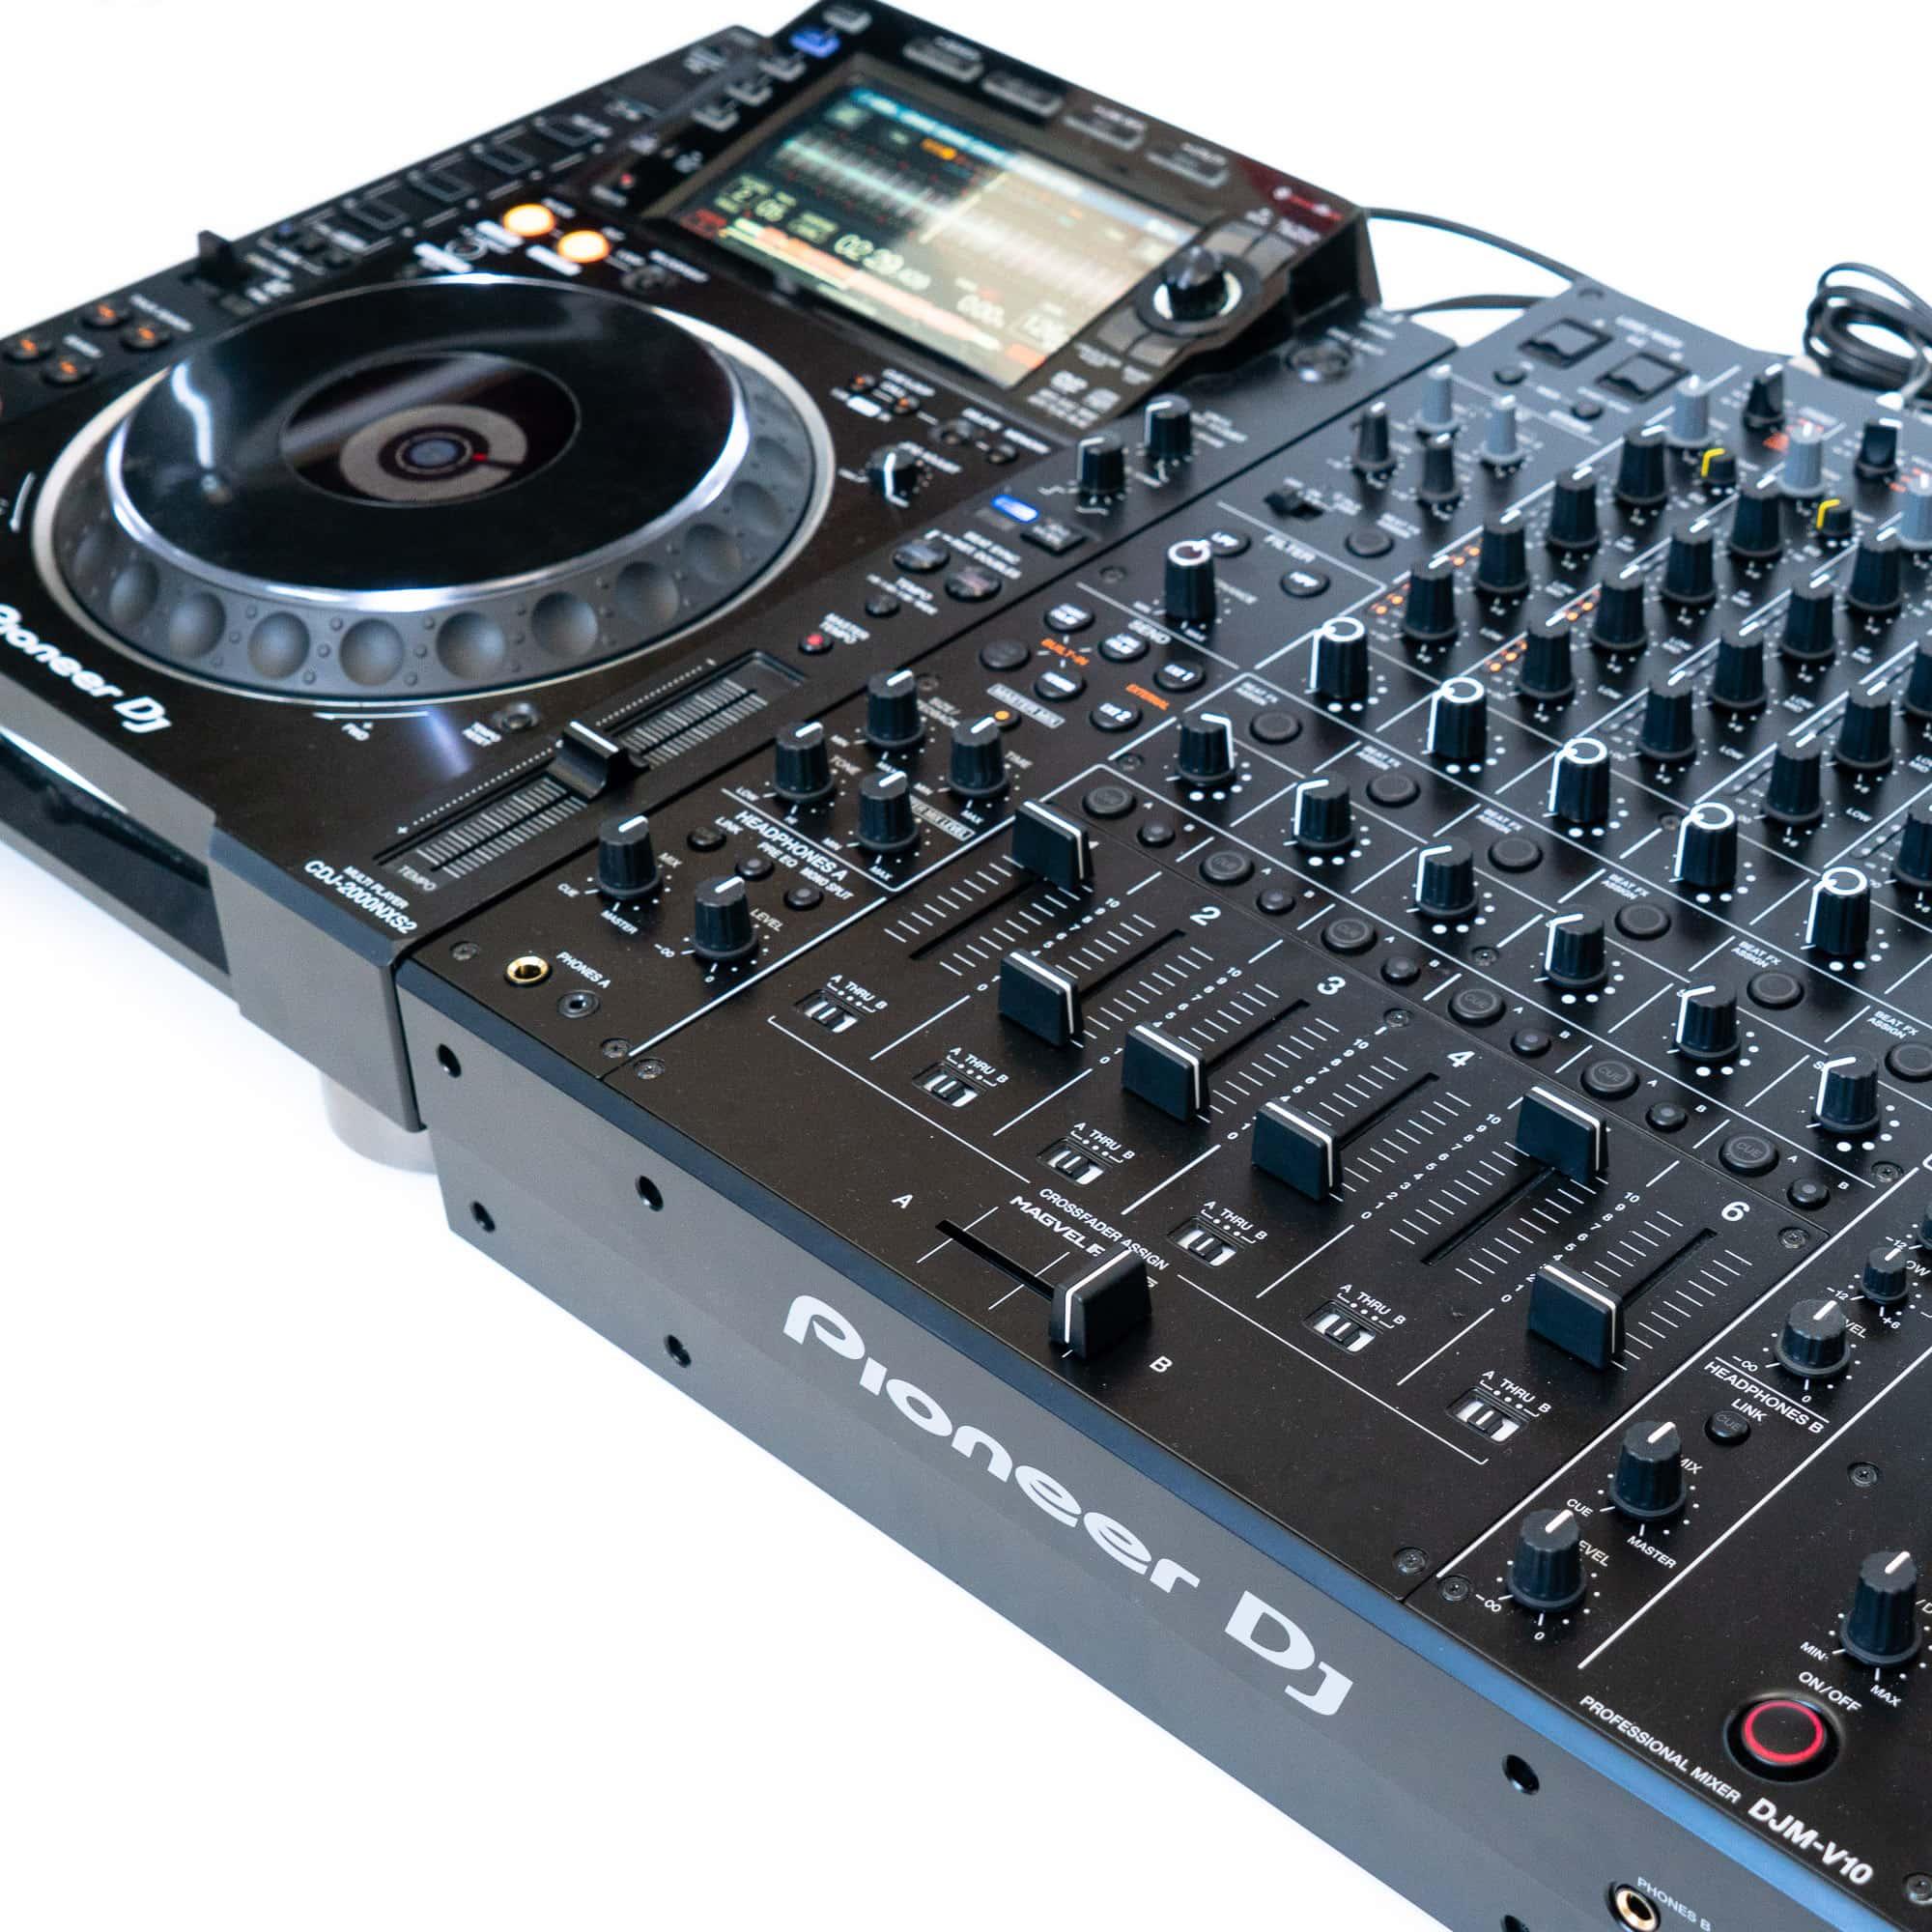 gebraucht kaufen DJ-Set: 2x Pioneer CDJ 2000 NXS2 Nexus 2 + 1x Pioneer DJM V10 + Kabel